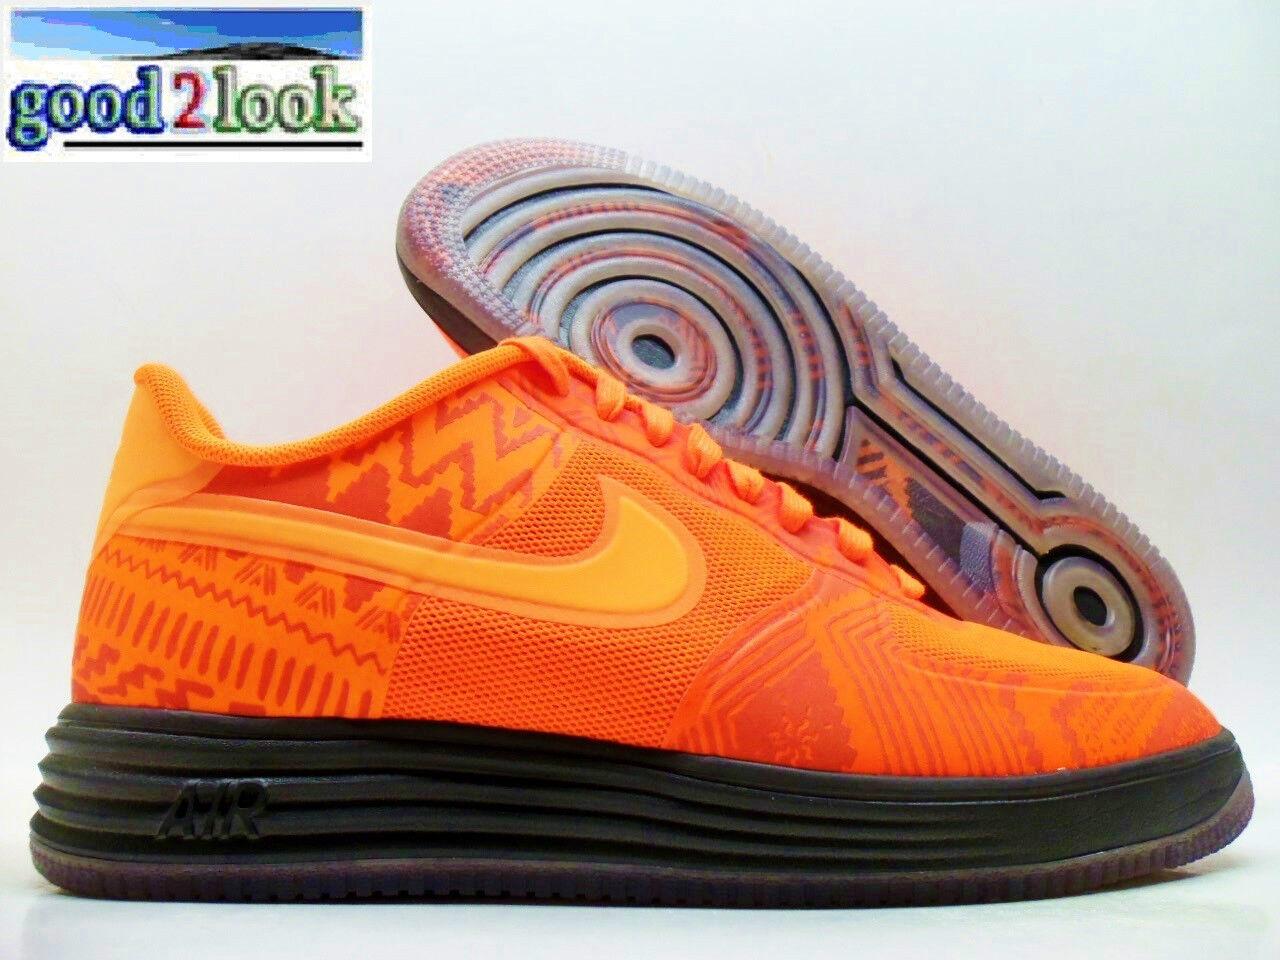 Nike lunar vigore 1 miccia bhm nero history month dimensioni uomini [585714-800]